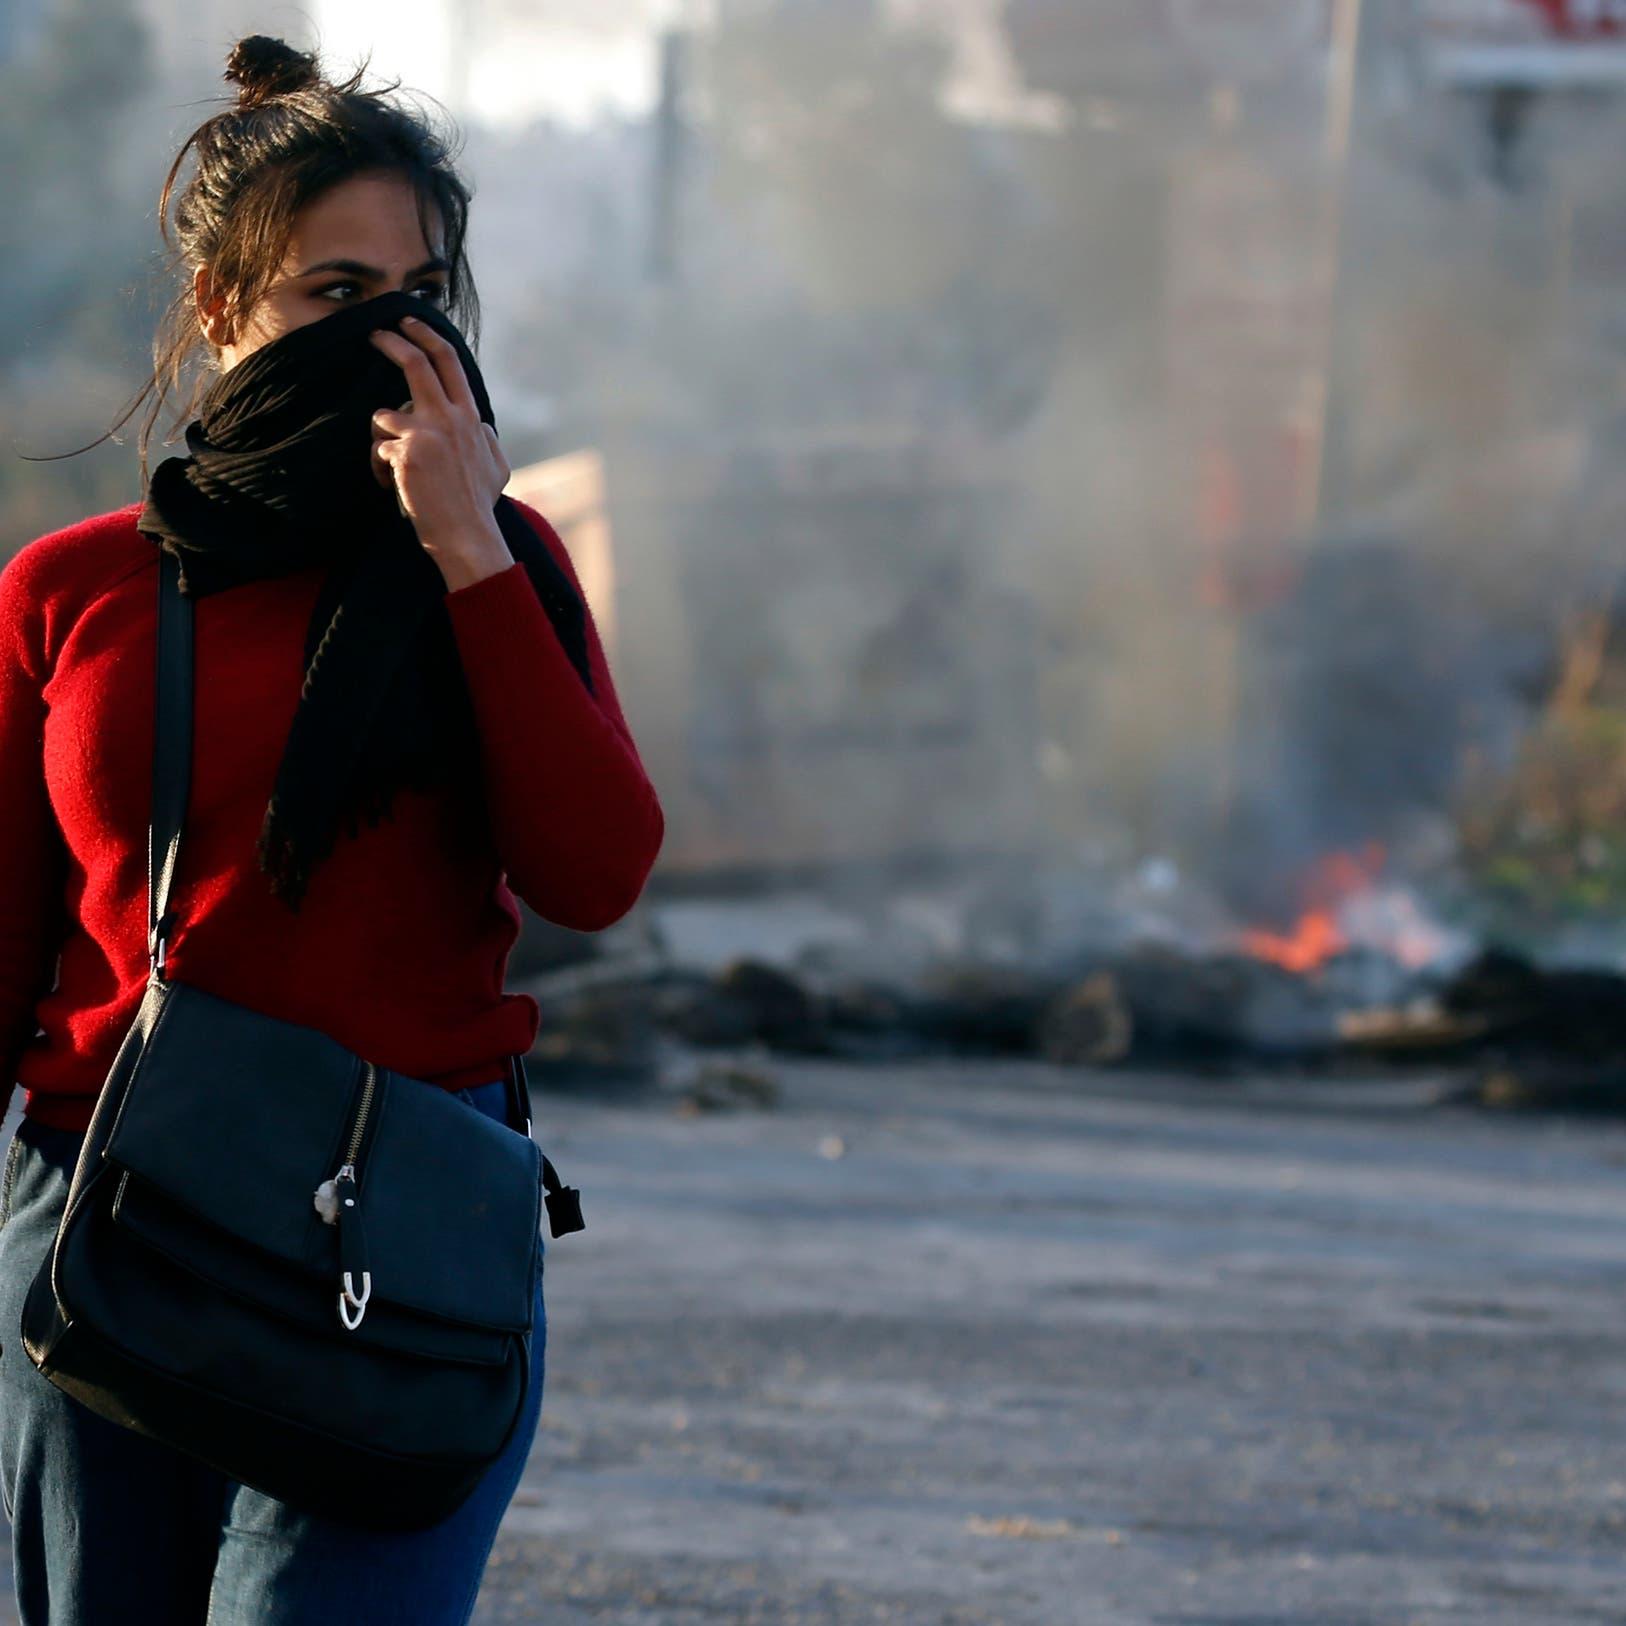 إسرائيل تقتحم رام الله.. اشتباكات وإصابة العشرات